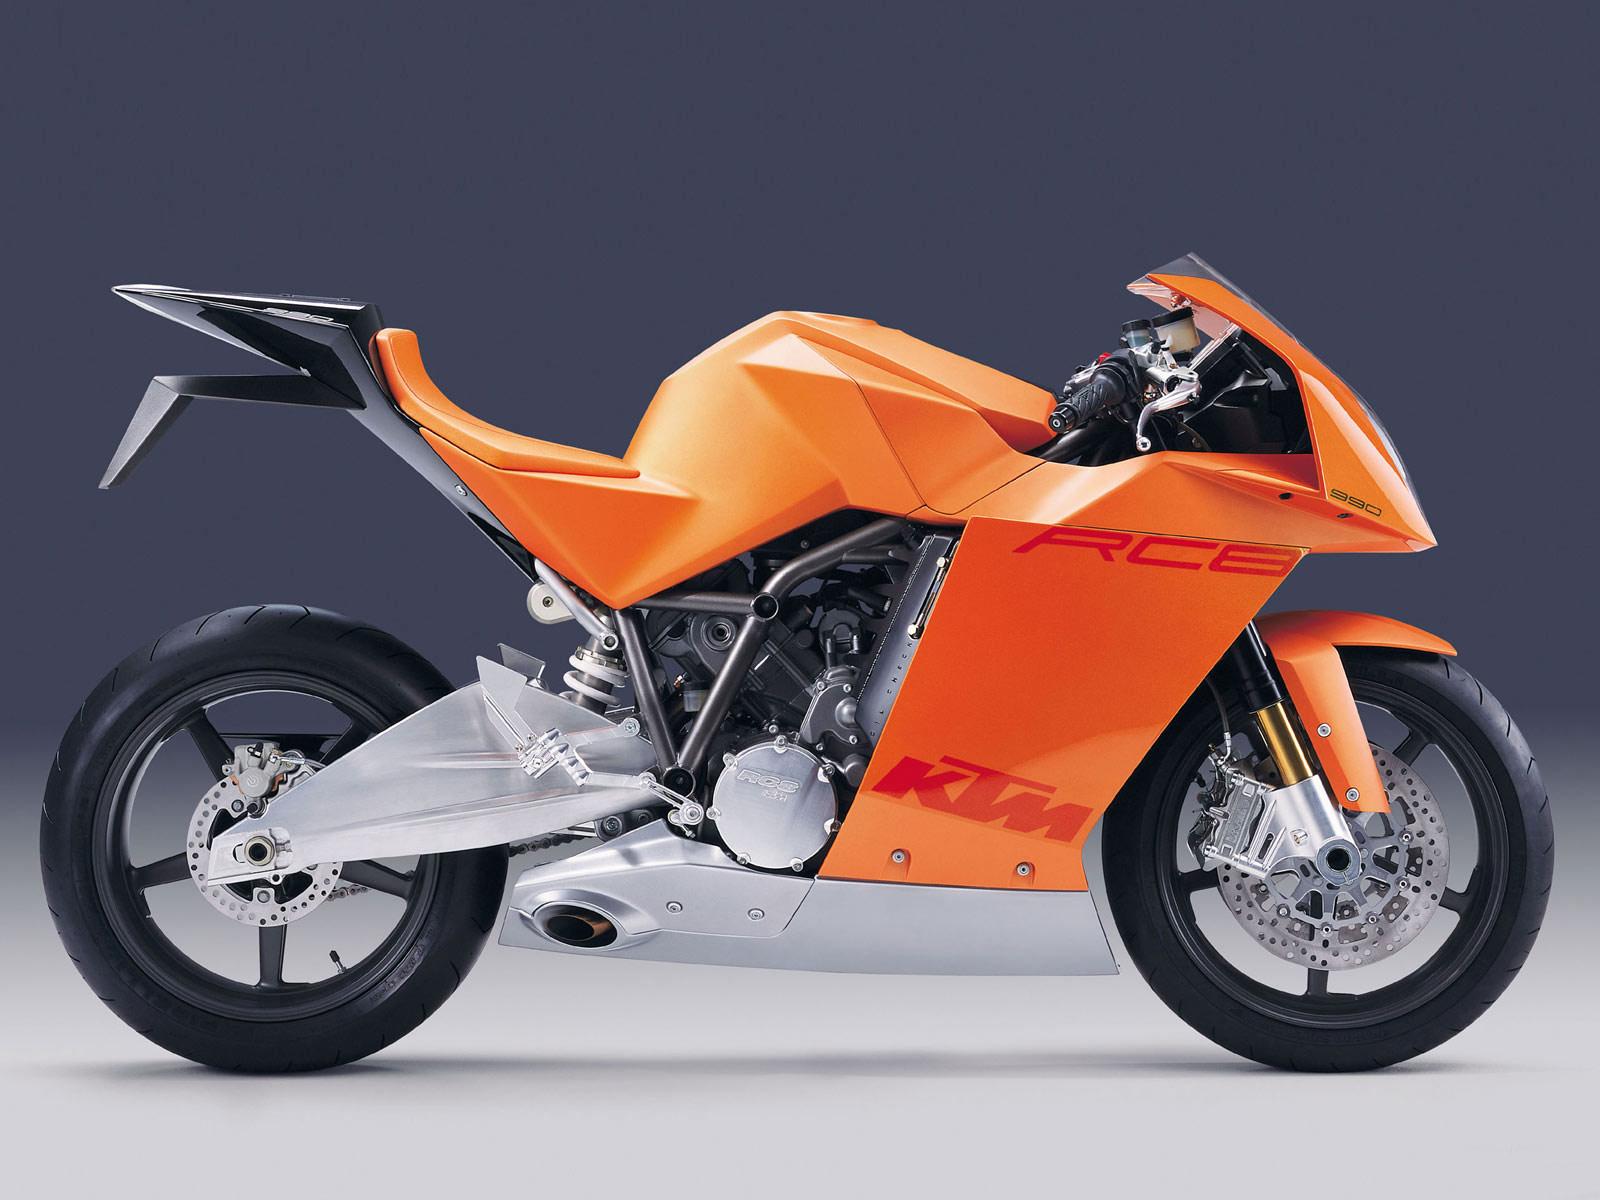 http://3.bp.blogspot.com/-hRKaT0kI5RI/TibAjMmonaI/AAAAAAAAANc/AmqLE3KG9JI/s1600/ktm_990_RCB_Concept_2003_motorcycle-desktop-wallpaper_01.jpg